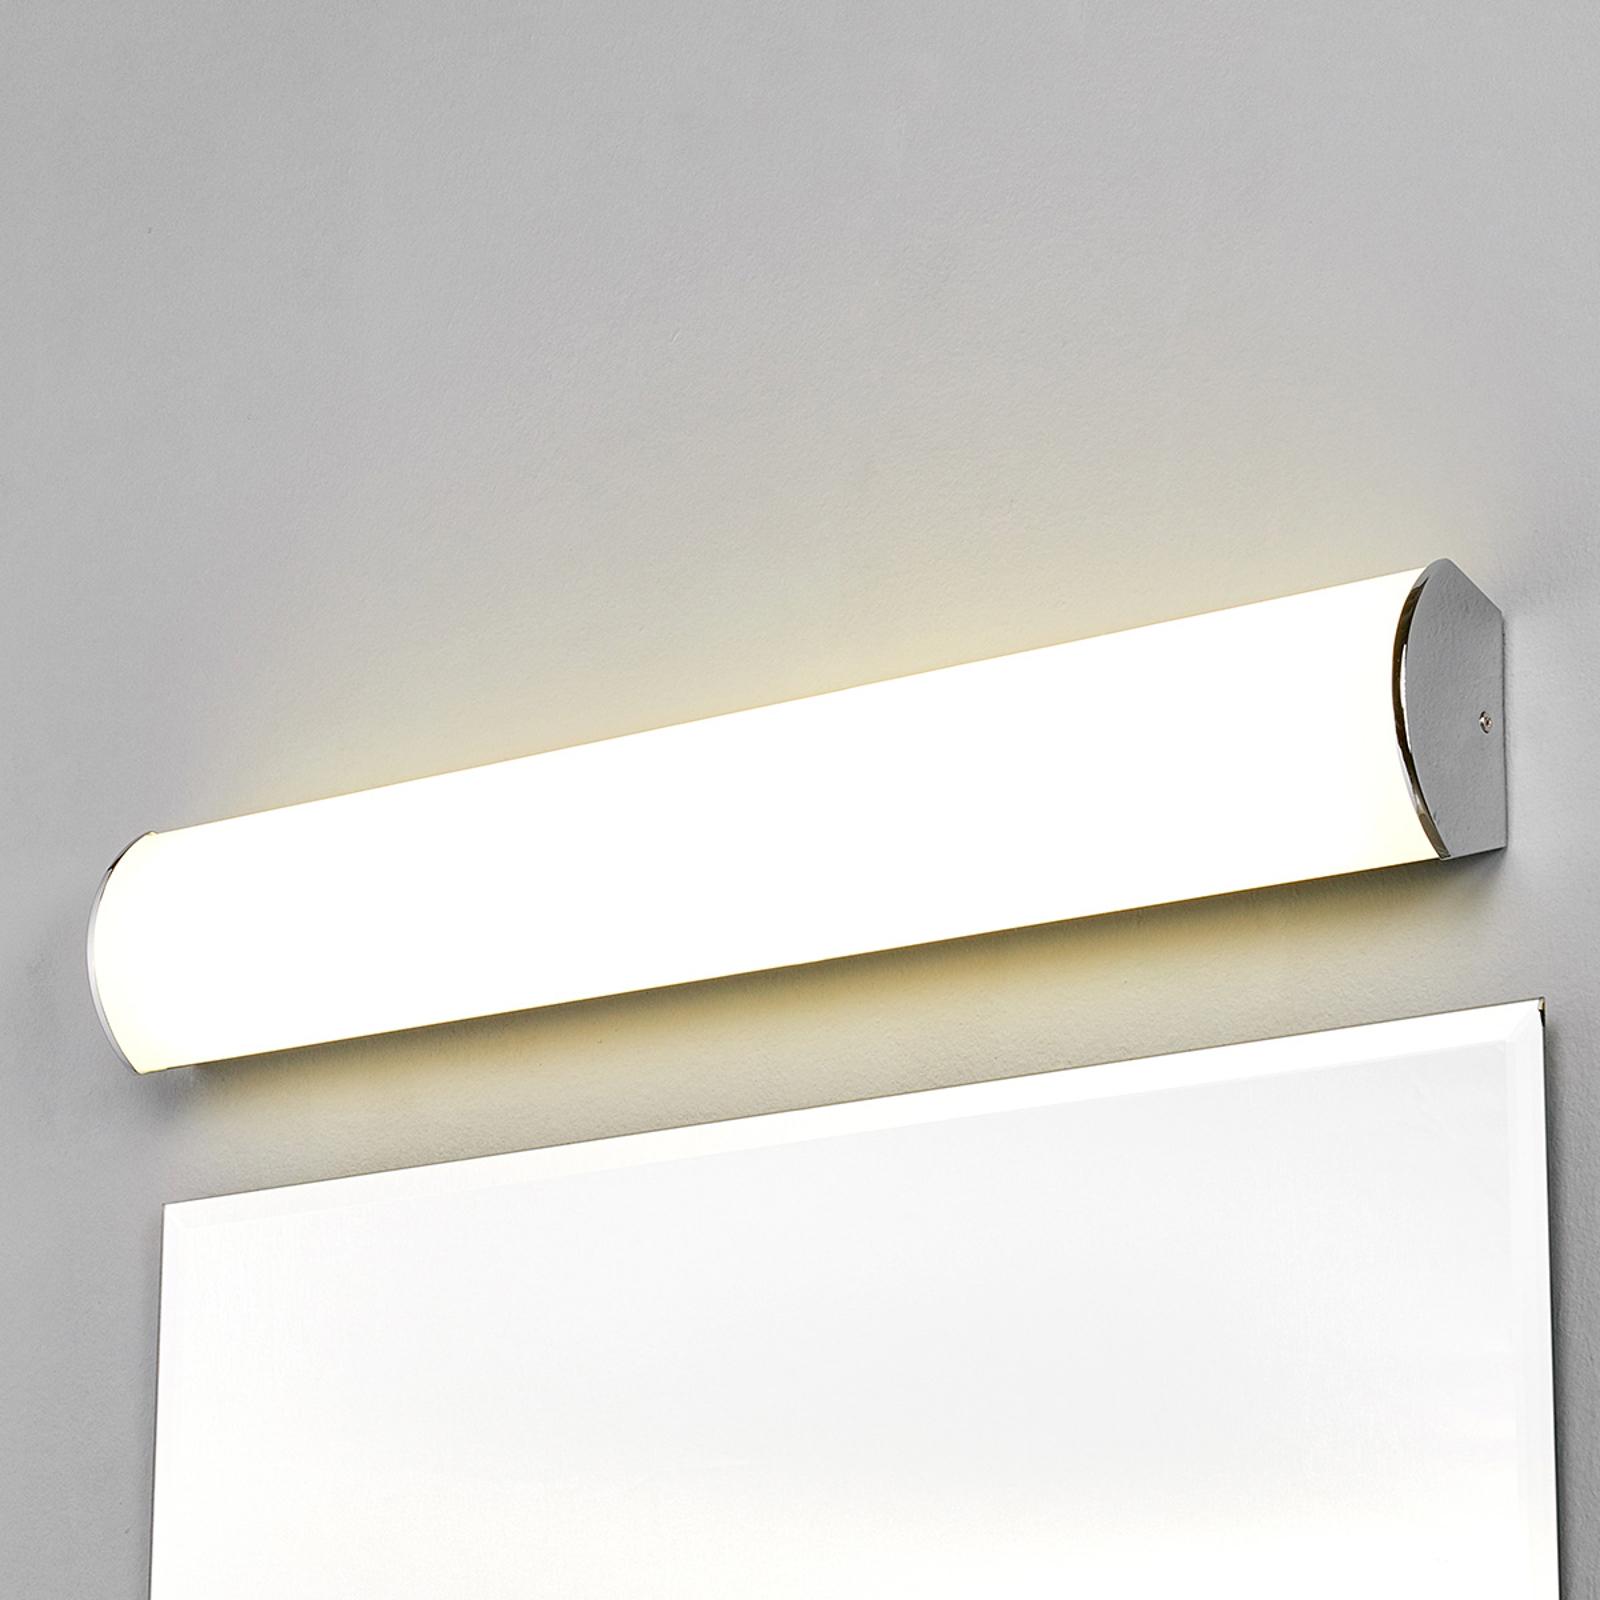 LED-vägglampa Elanur för badrummet